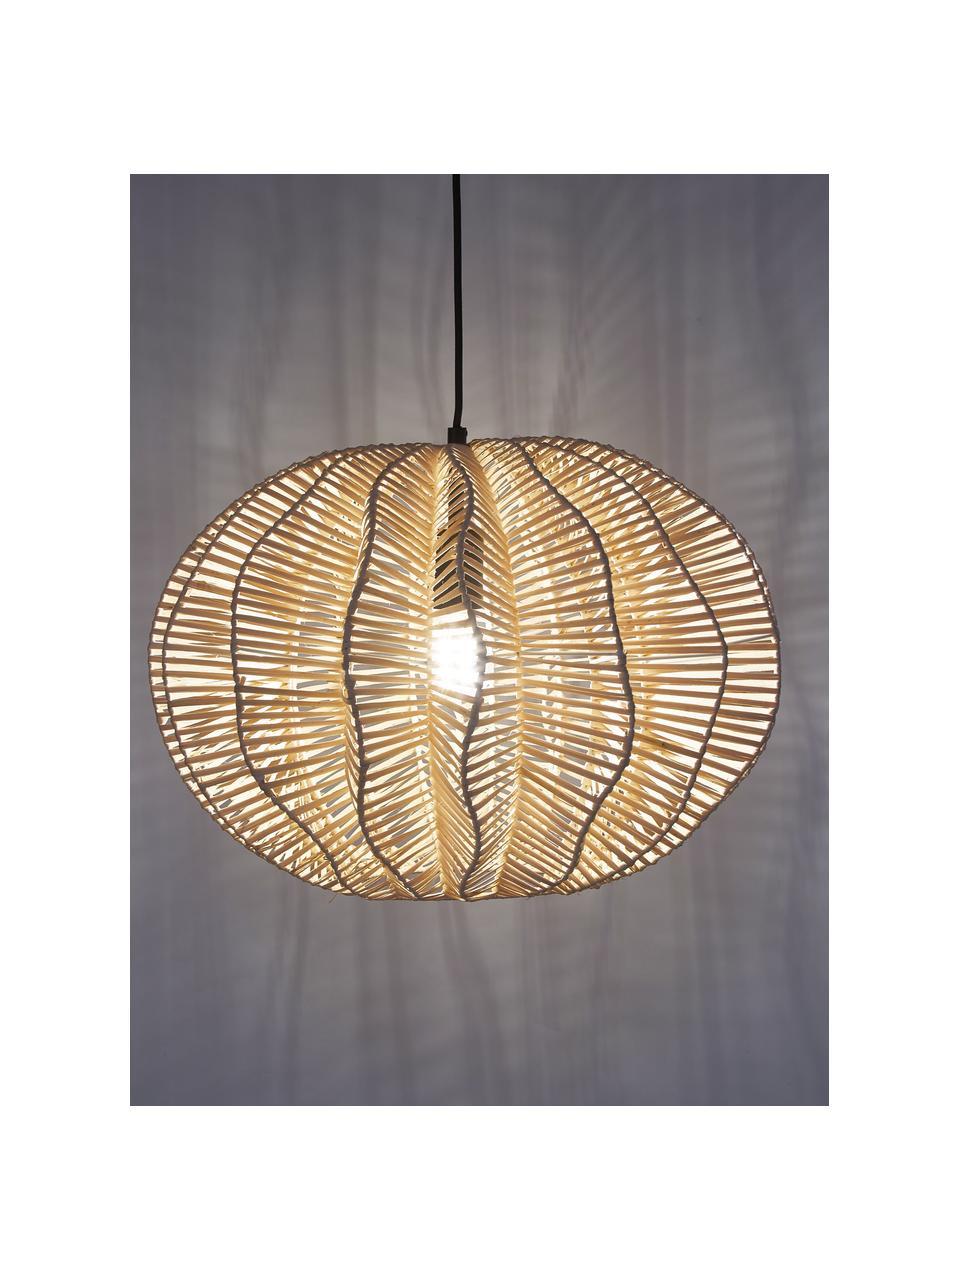 Lampada a sospensione in rattan Ufe, Paralume: rattan, Baldacchino: metallo verniciato a polv, Beige, Ø 50 x Alt. 38 cm